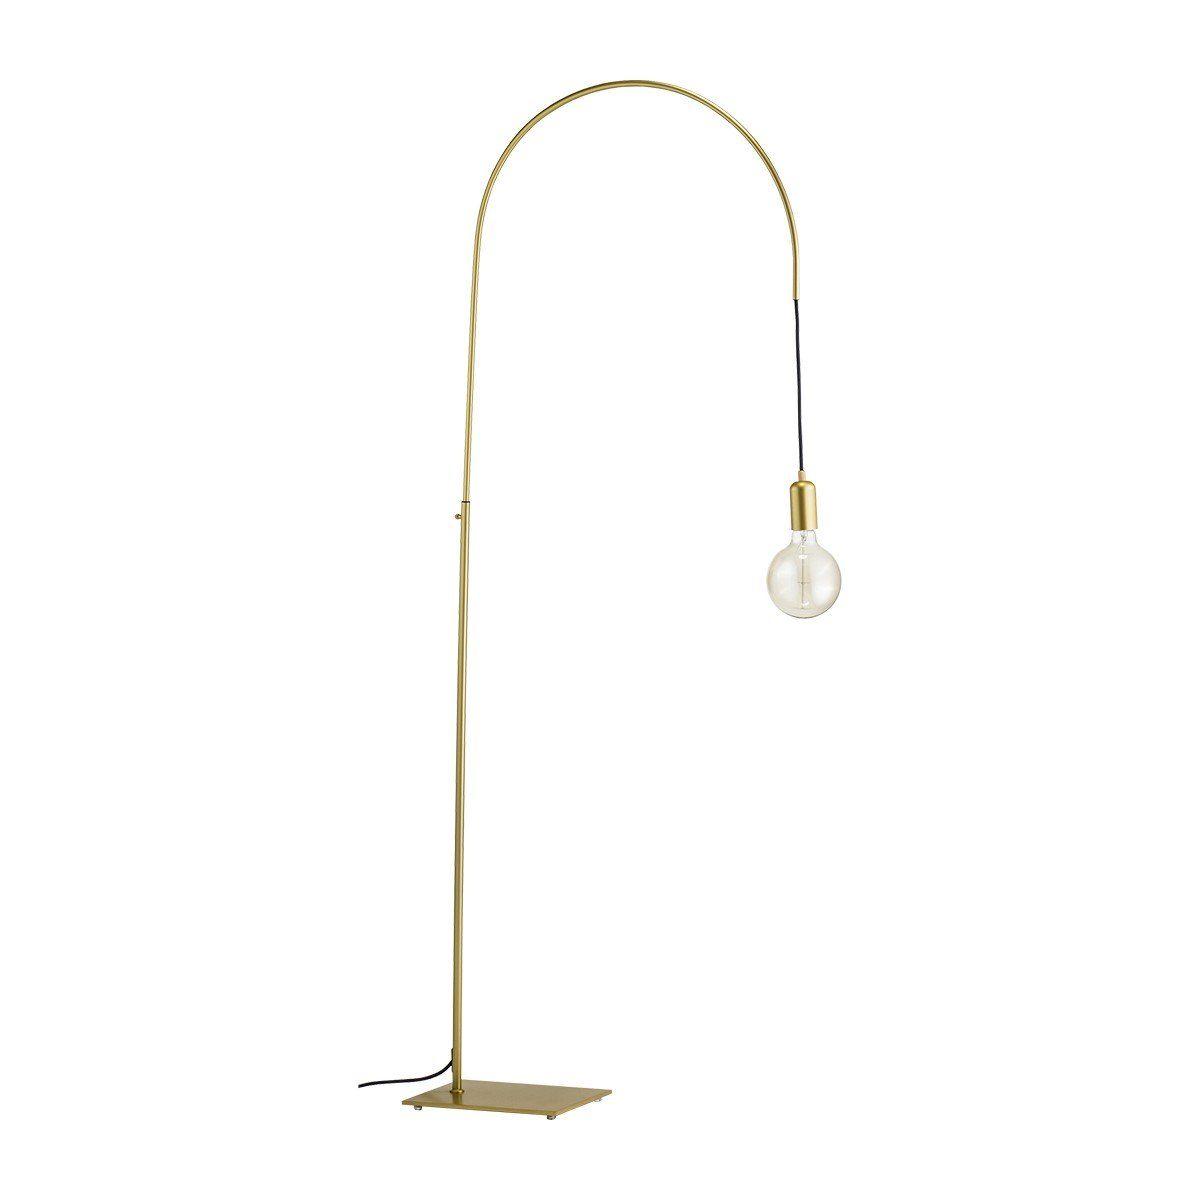 Buy Modern Floor Lamps Online Or Visit Our Showrooms To Get Inspired With The Latest Lighting From Mumoon Belgium Dan Floor Brass Floor Lamp Lamp Floor Lamp